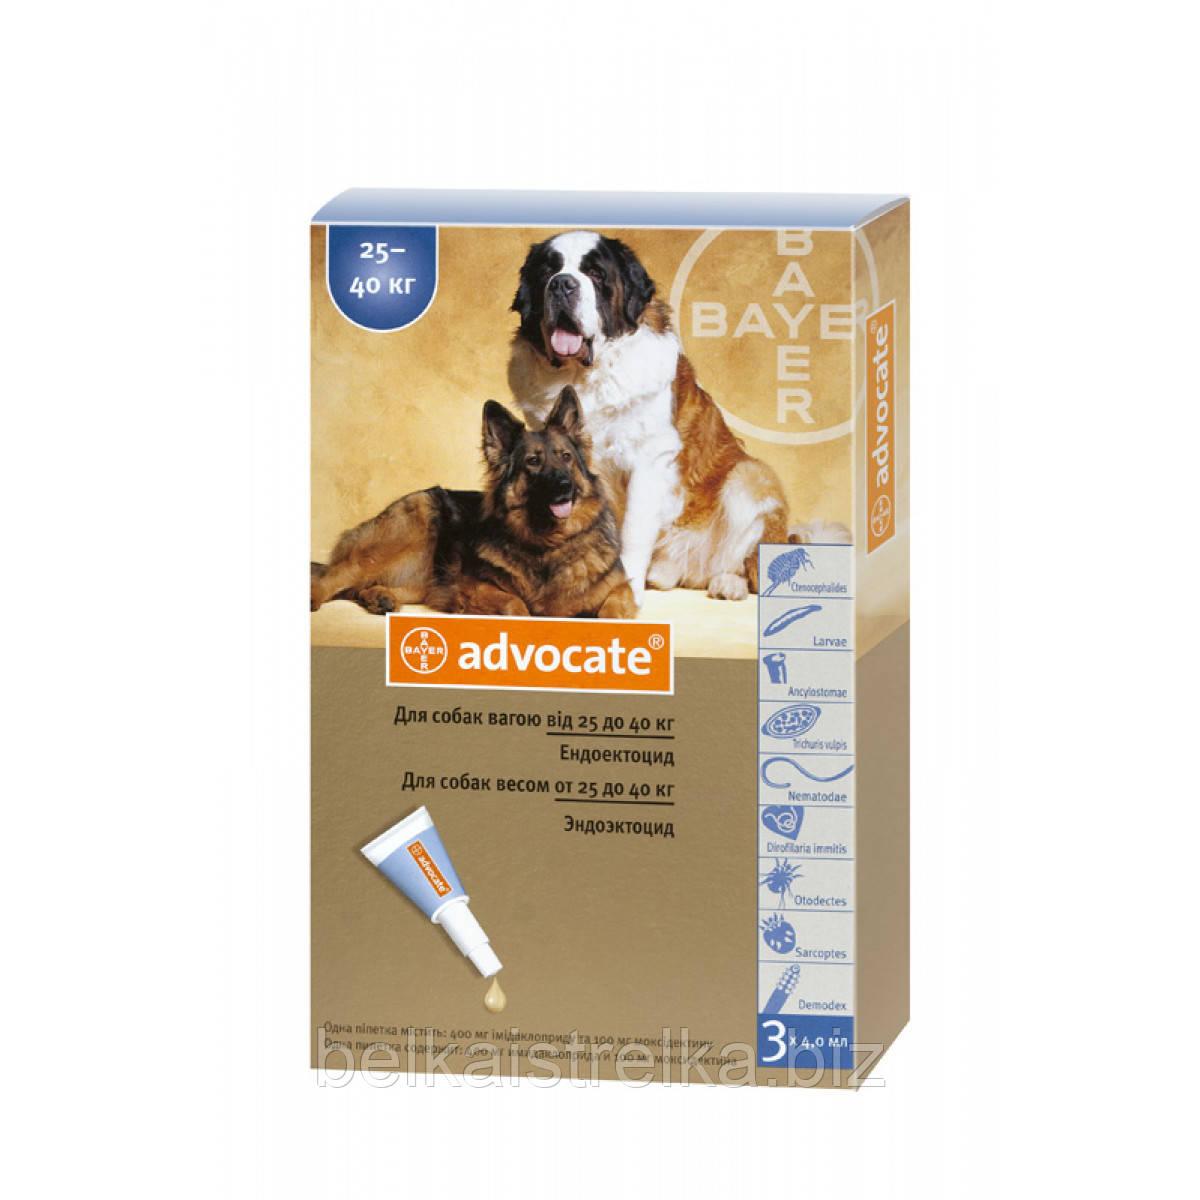 Капли Advocate Адвокат от глистов, блох, клещей для собак весом от 25 кг, 1 пипетка х4мл